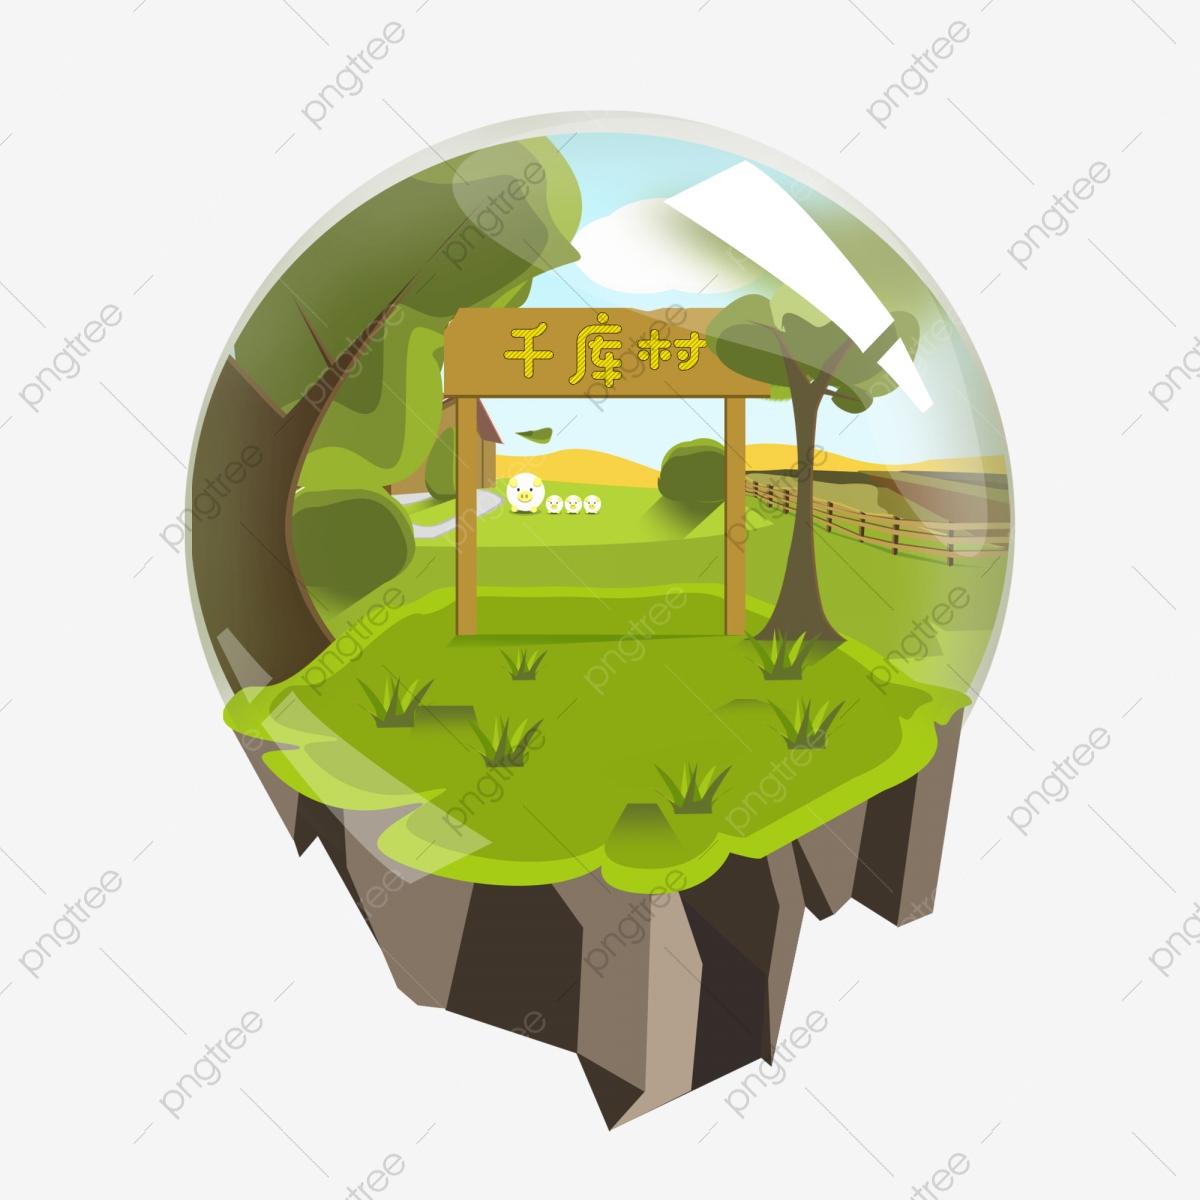 Le Village De Style Jeu Cartoon Vent Îles, Cartoon Vent tout Jeux Gratuit De Village